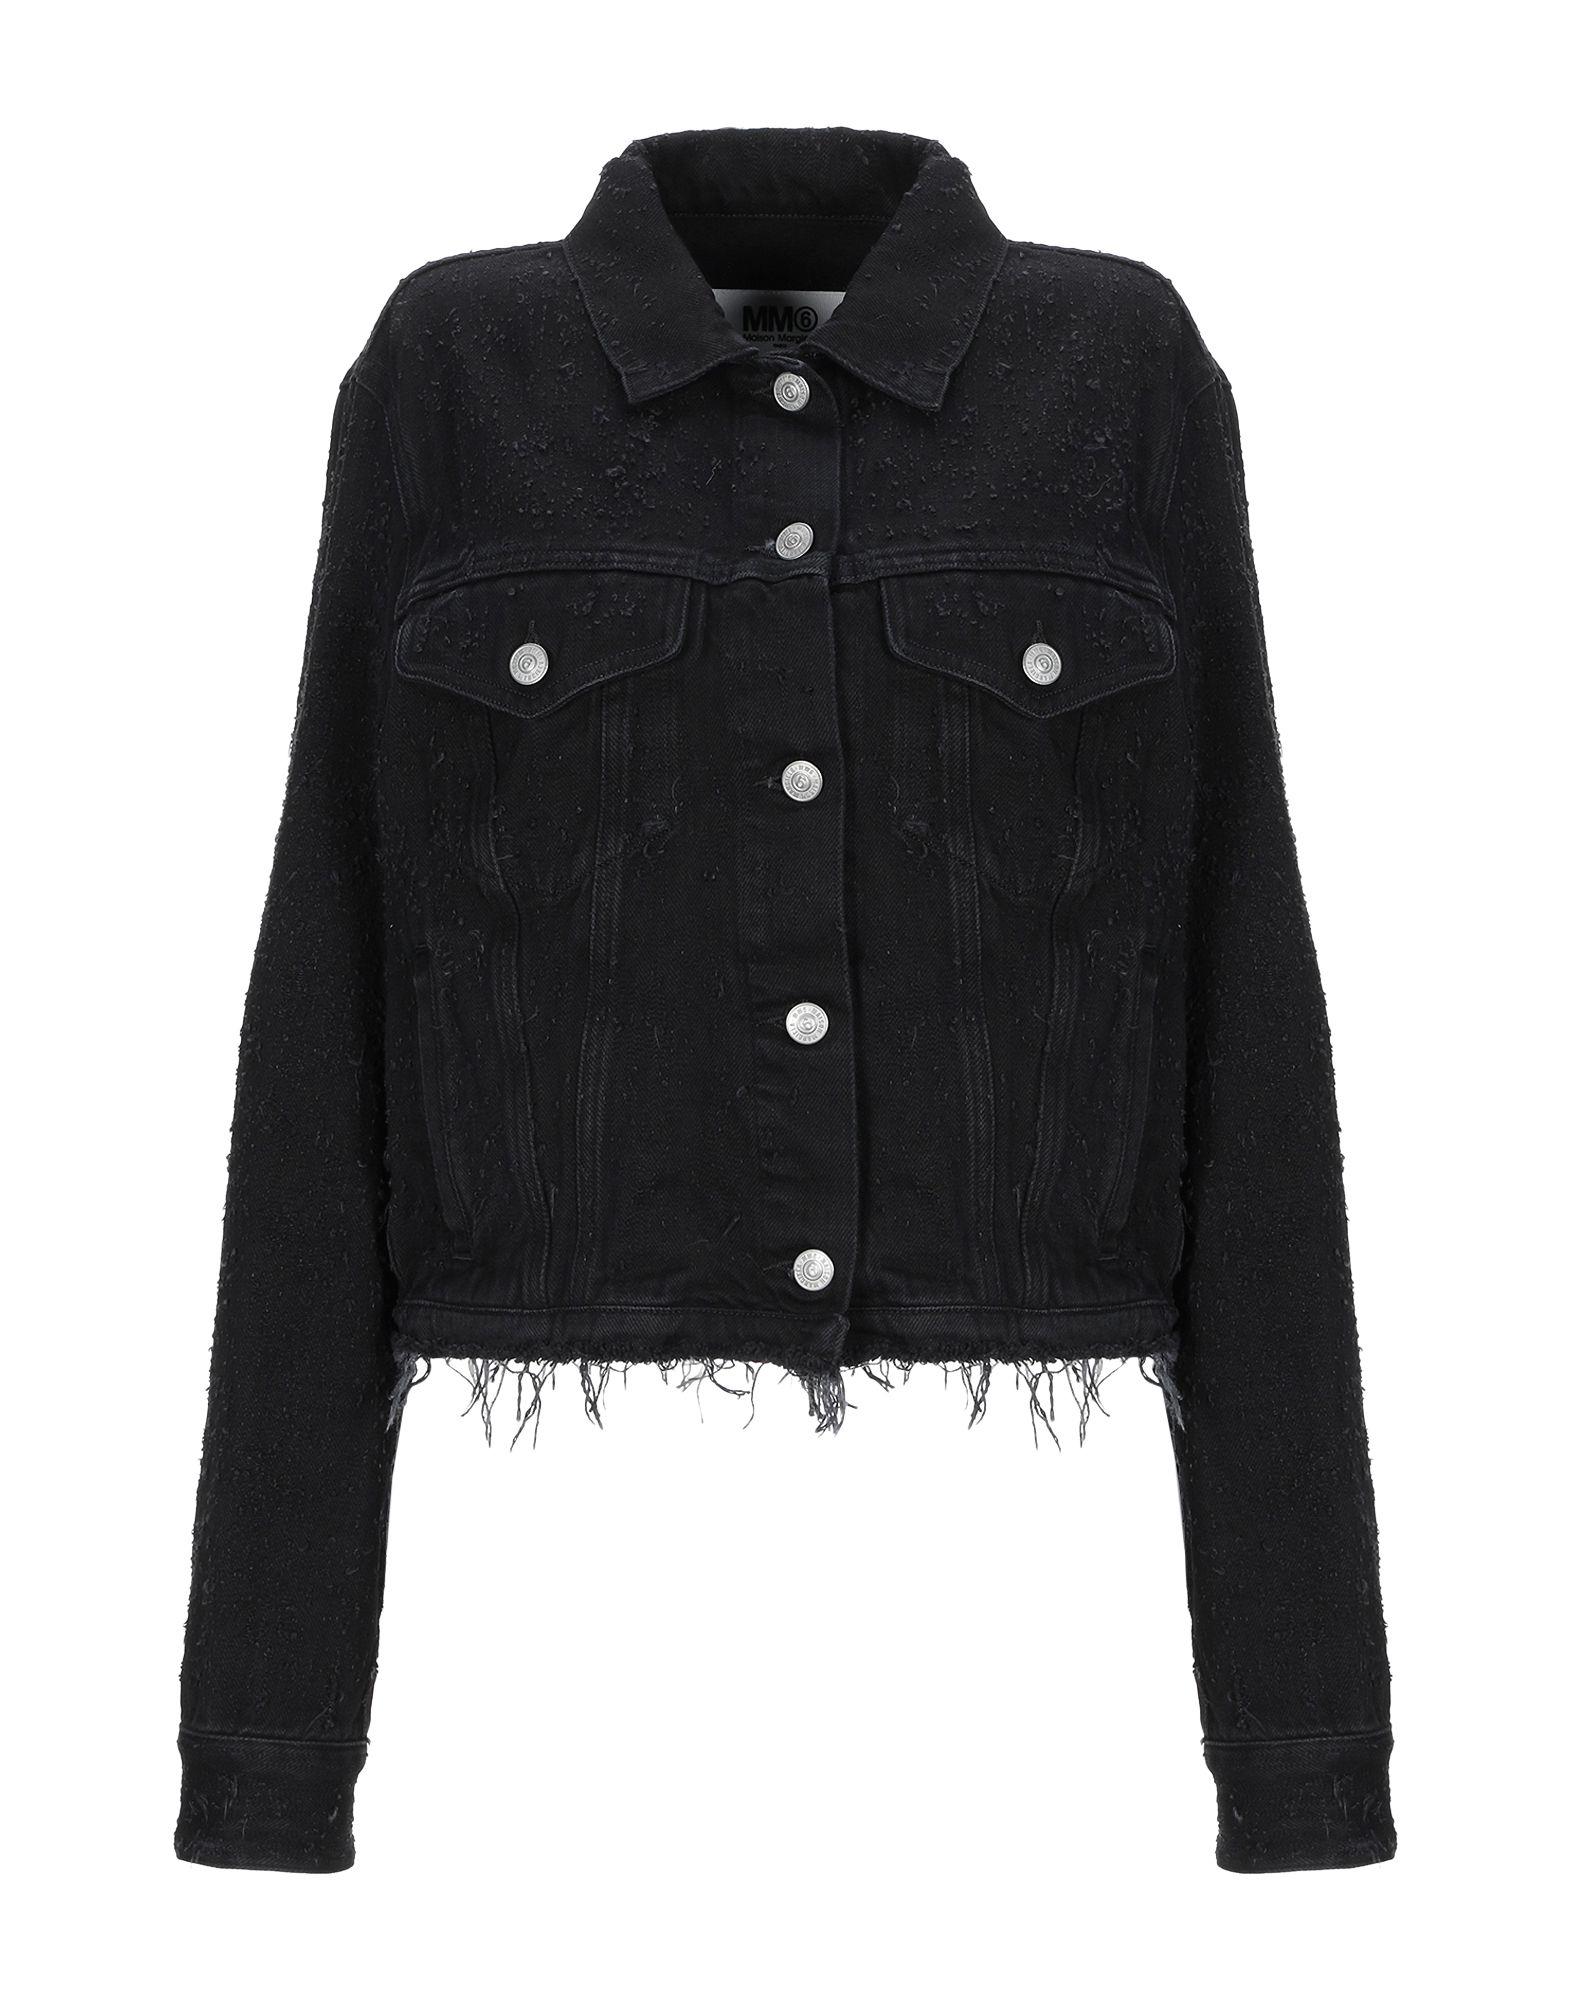 MM6 MAISON MARGIELA Джинсовая верхняя одежда mm6 maison margiela джинсовая рубашка